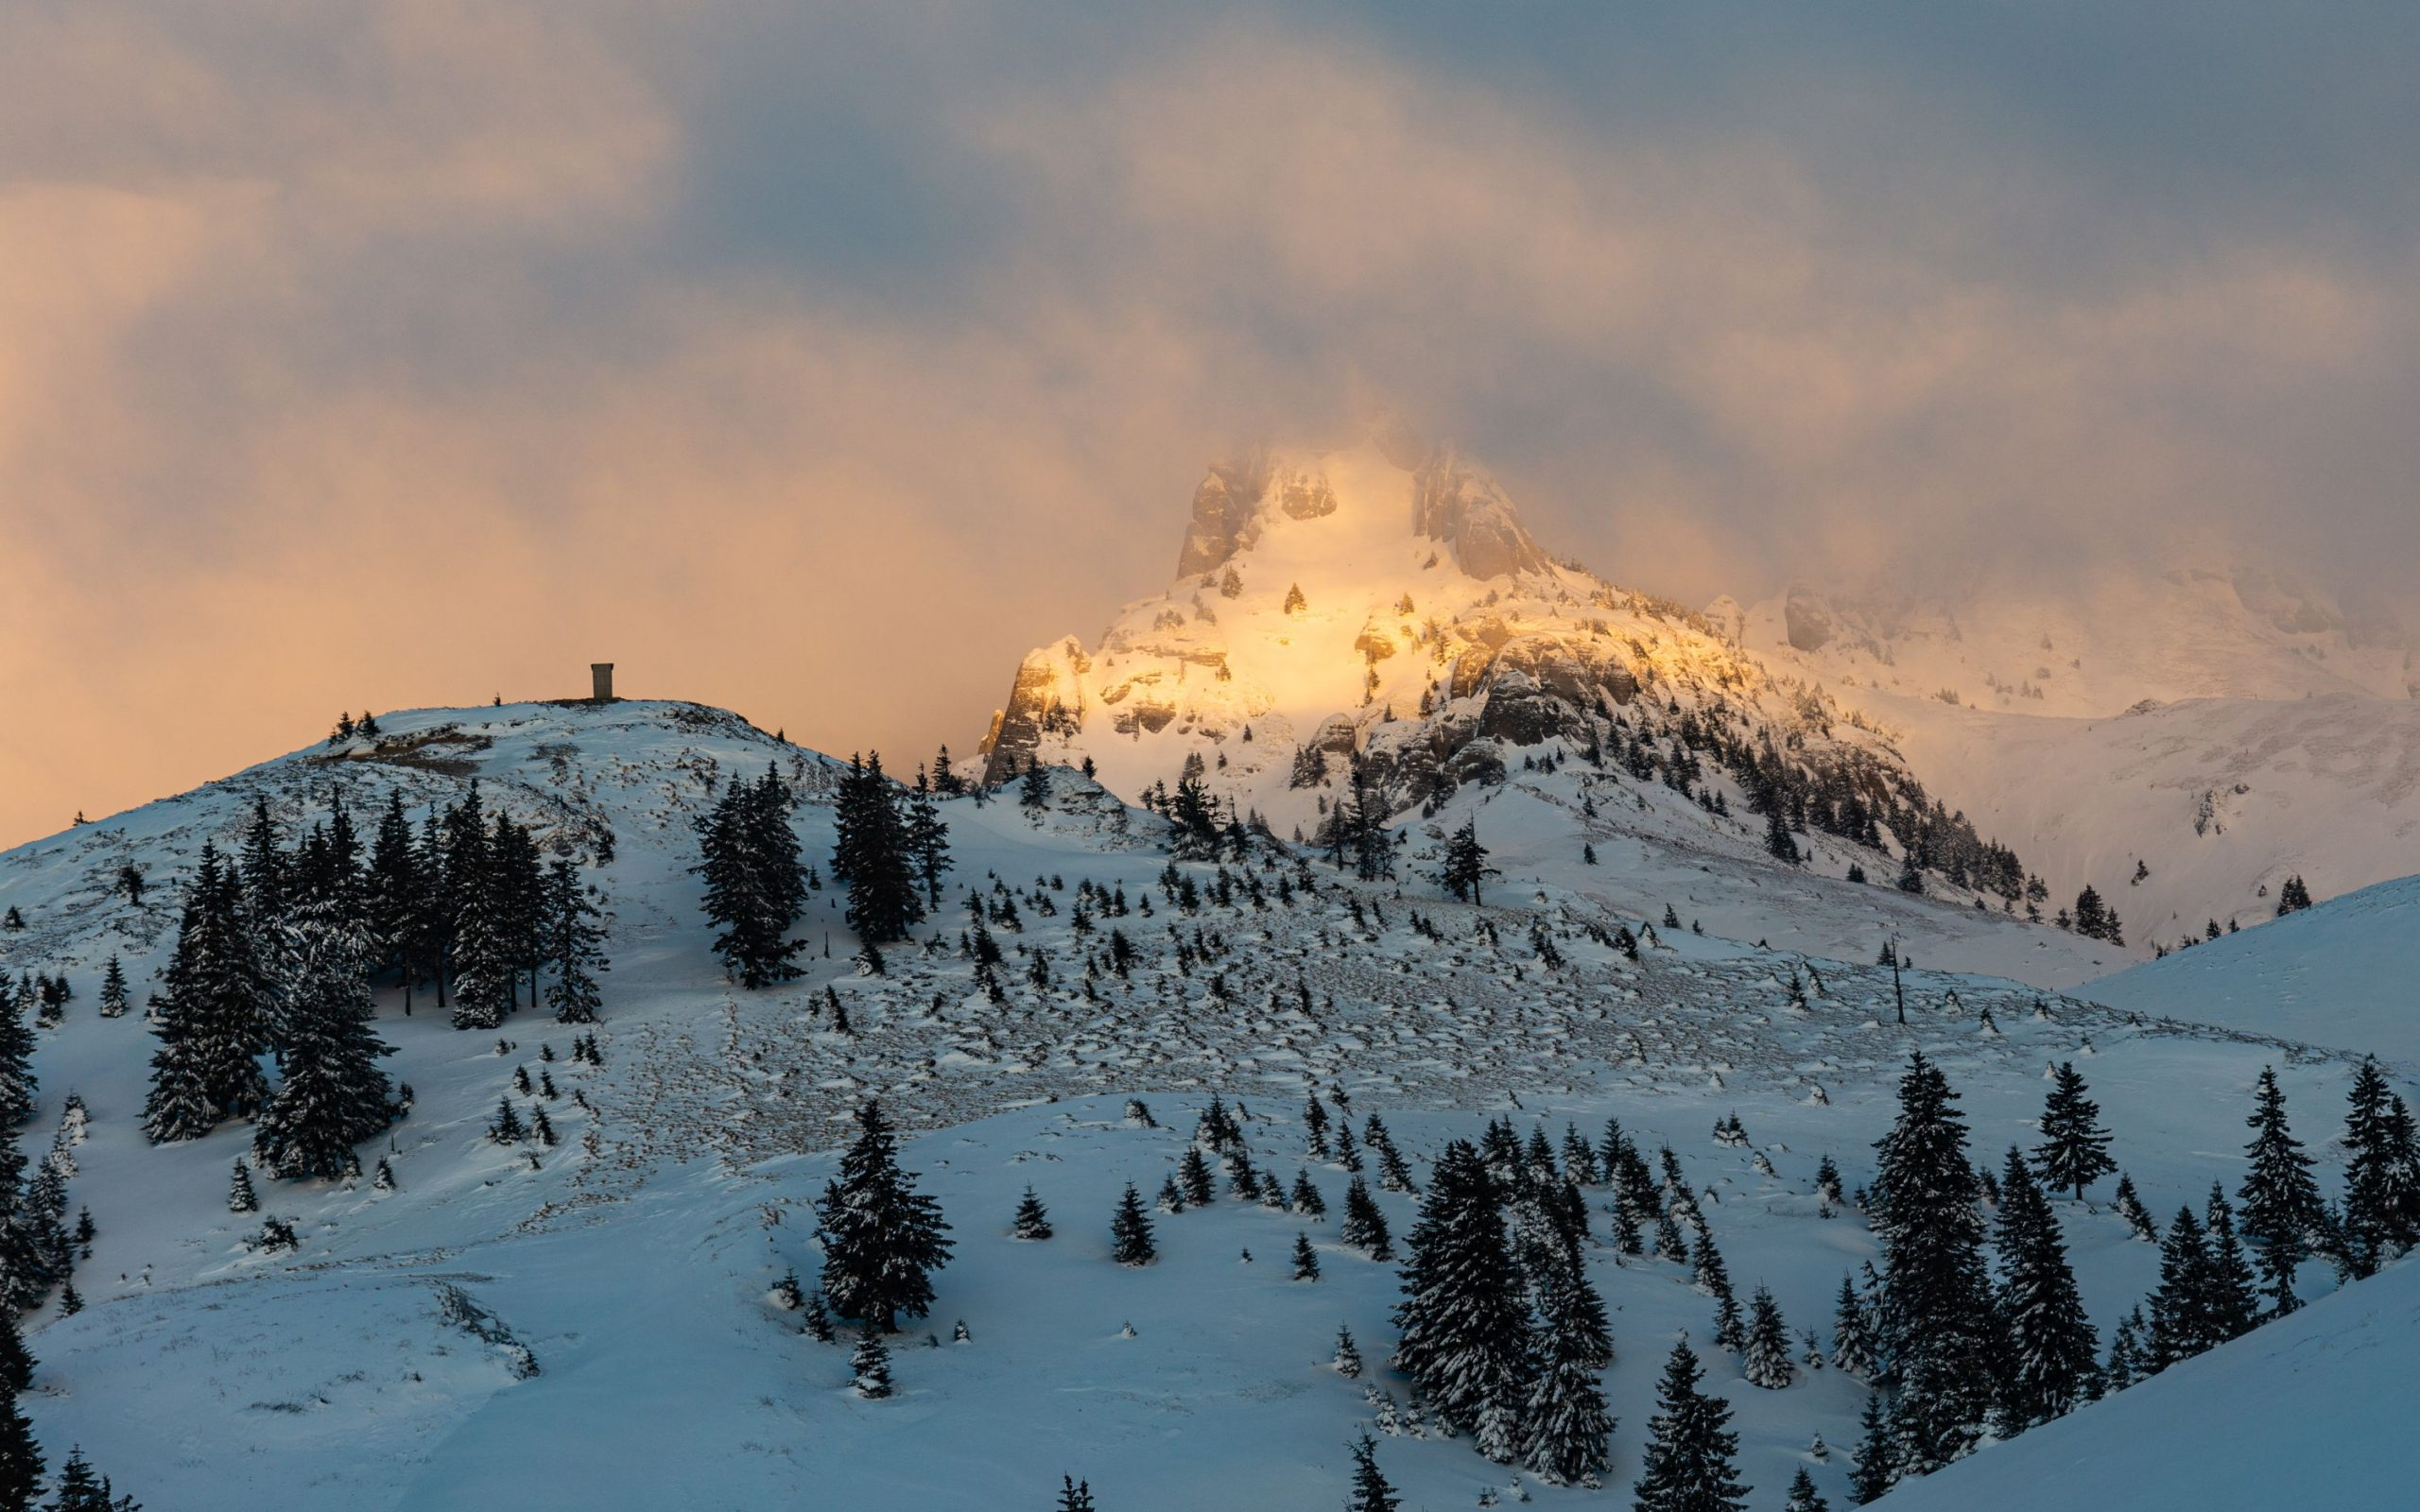 Sunrise on the mountain peak